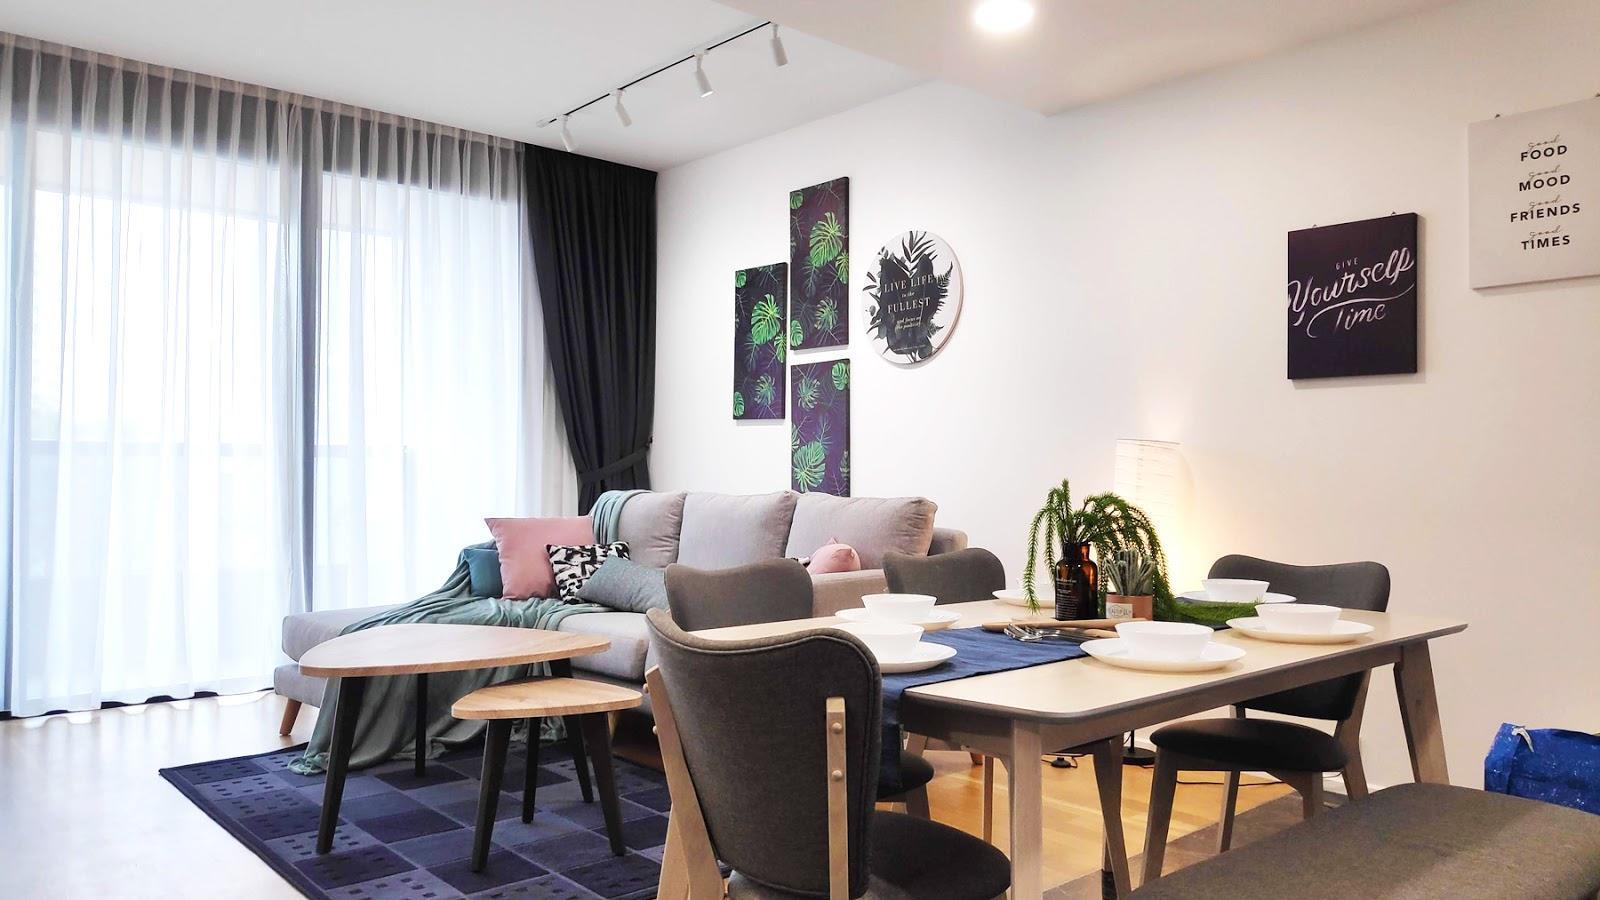 Ruang tamu dan ruang makan dihiasi dengan aksen biru dan ungu ringan